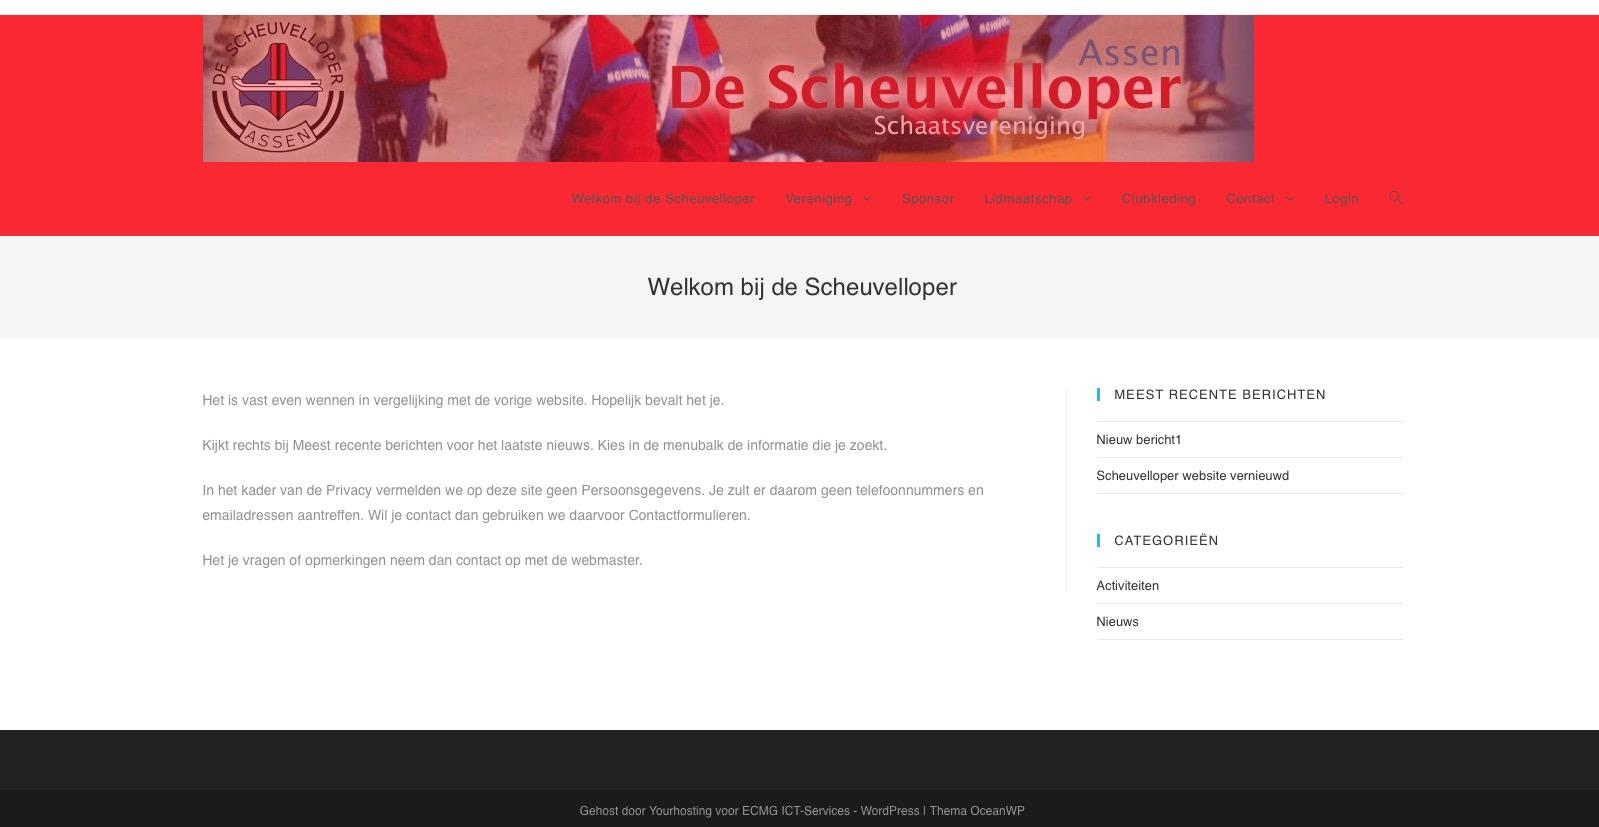 Scheuvelloper website vernieuwd